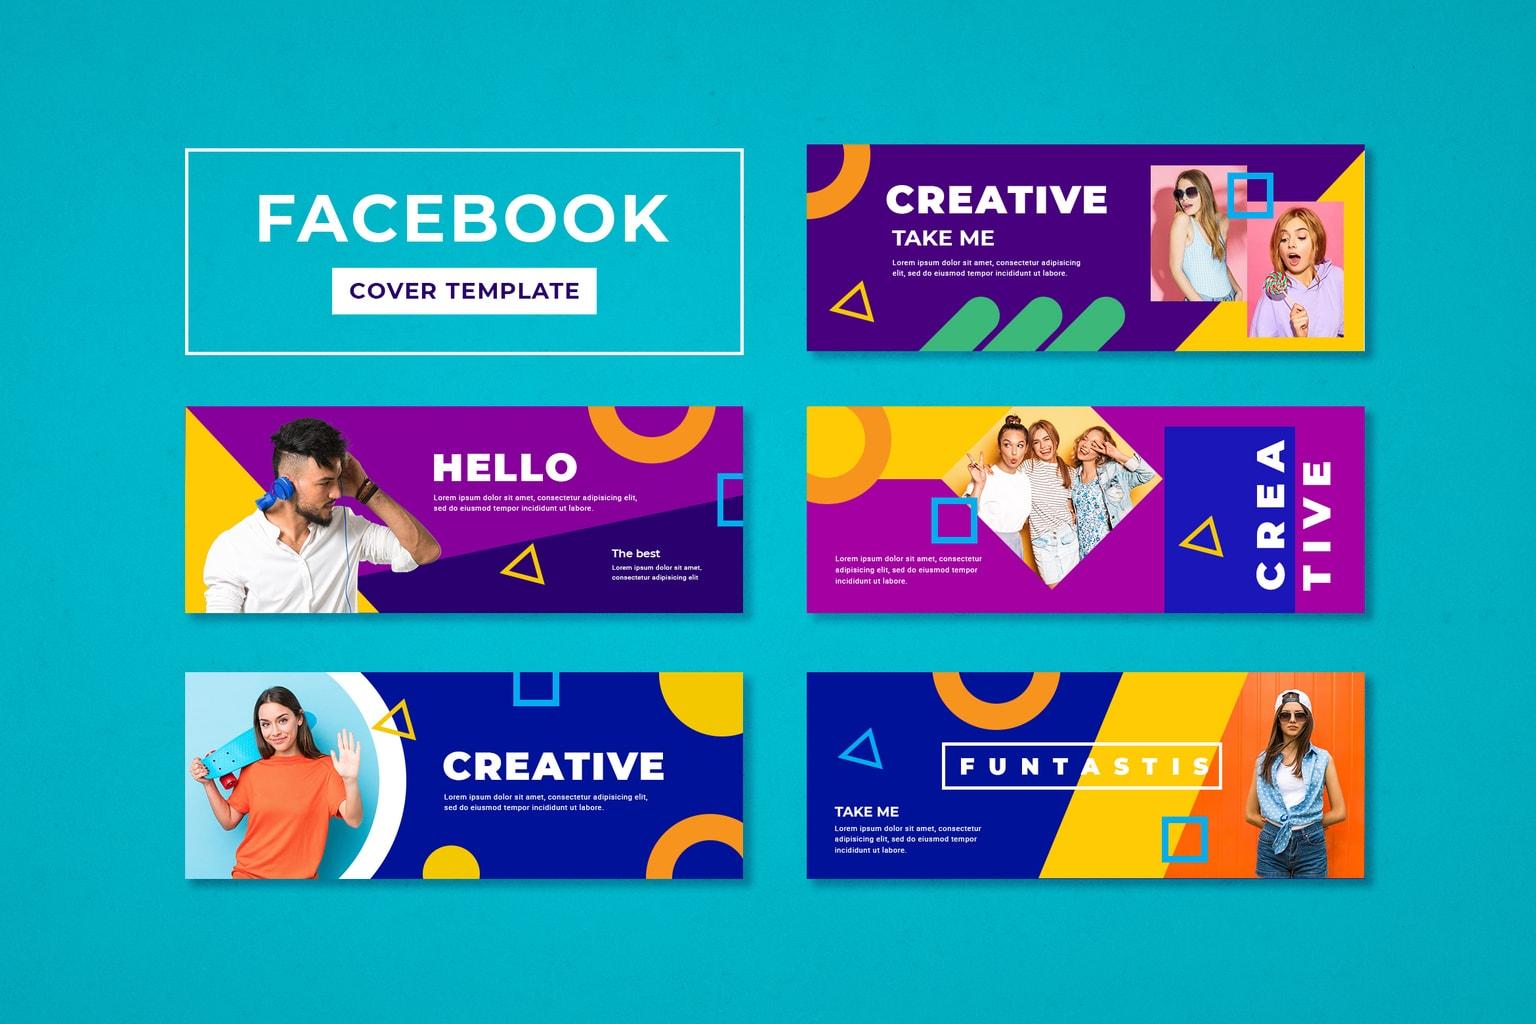 facebook cover creative agency